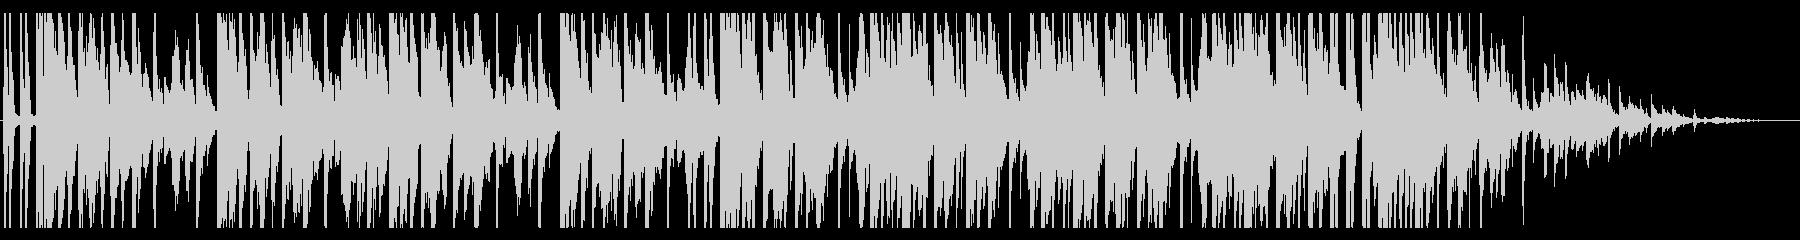 青/海/エレクトロ_No407_5の未再生の波形